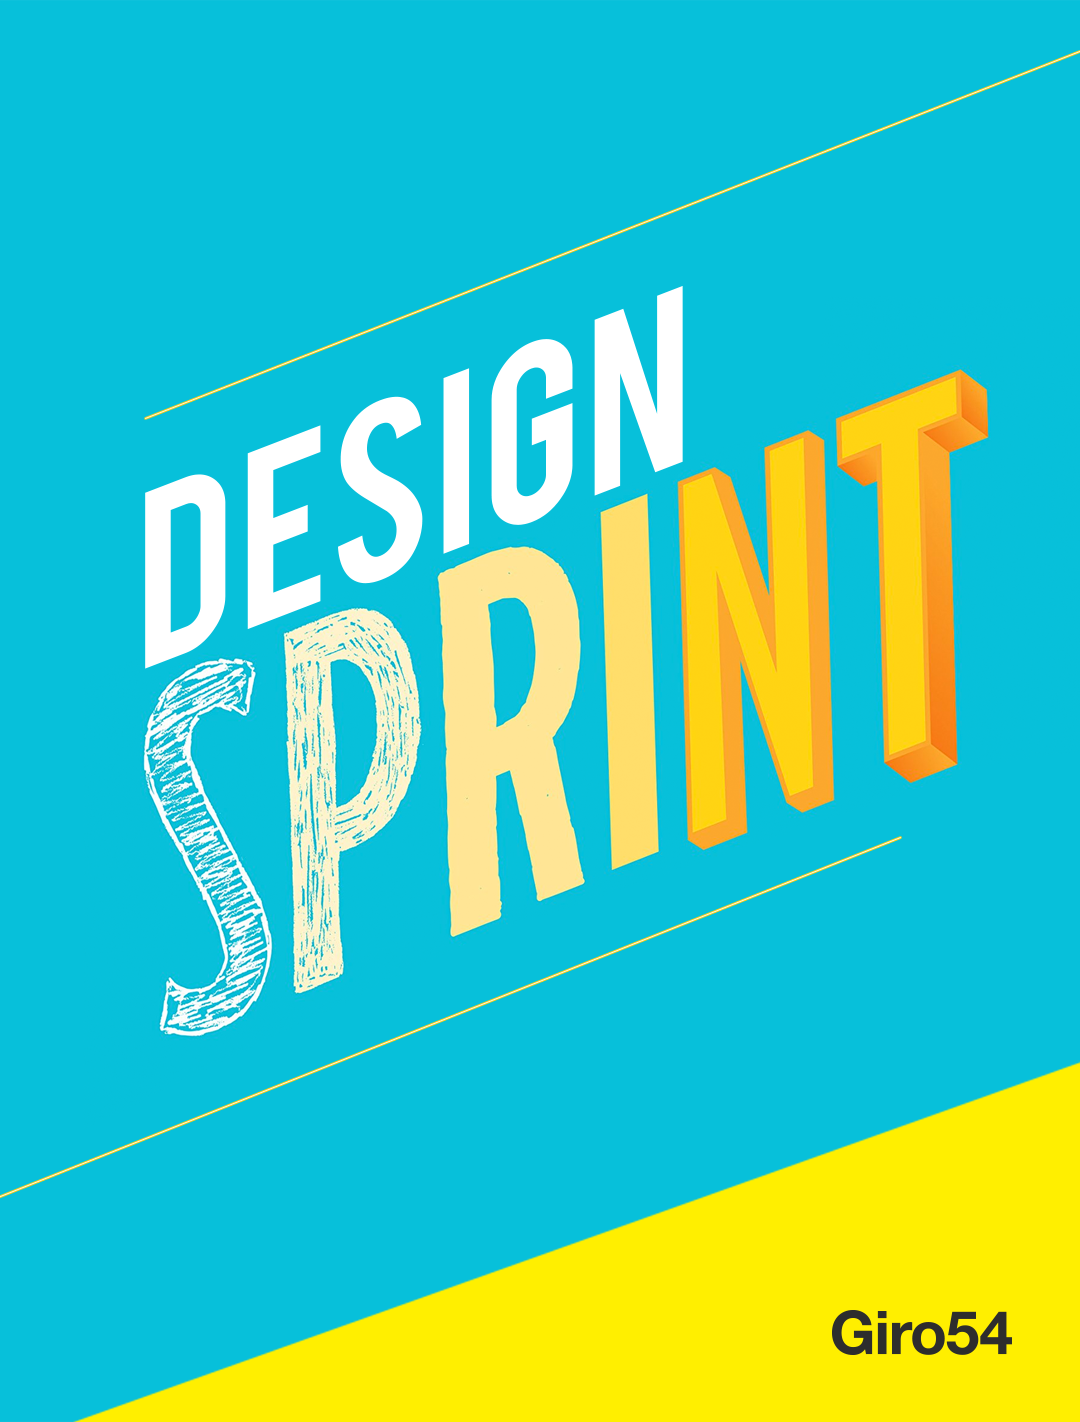 DesignSprint Masterclass